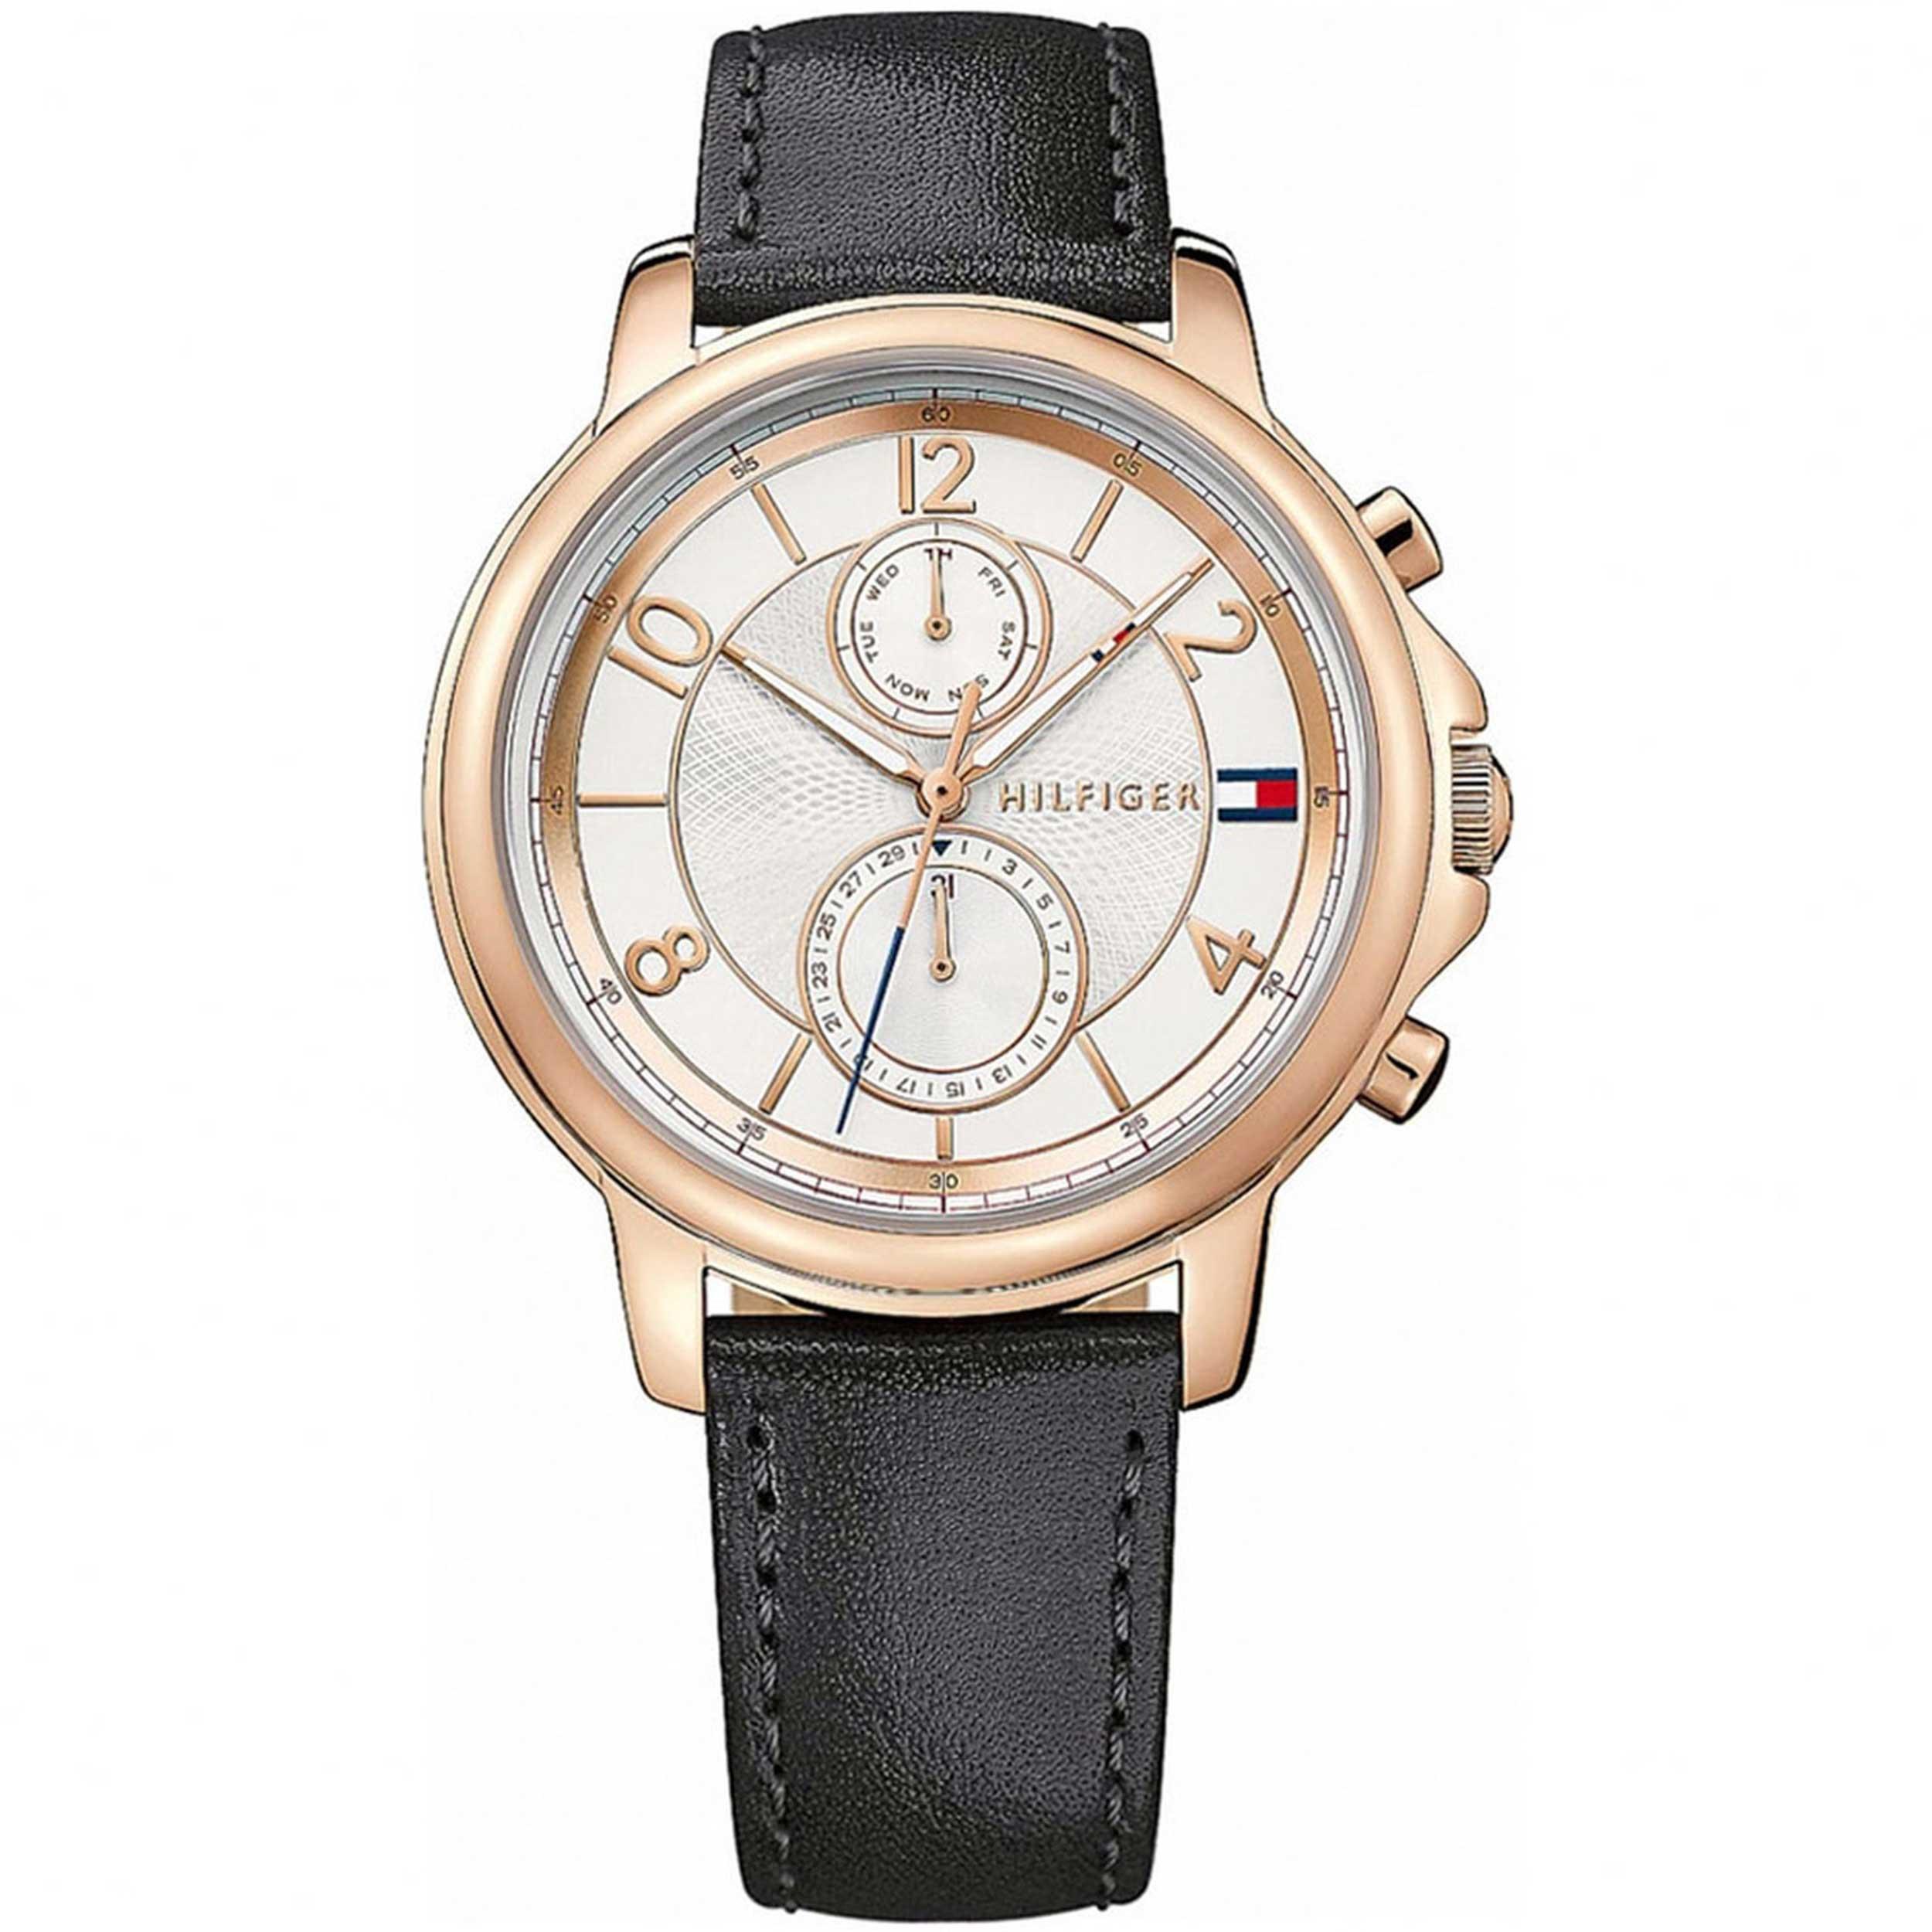 ساعت مچی عقربه ای زنانه تامی هیلفیگر مدل 1781817